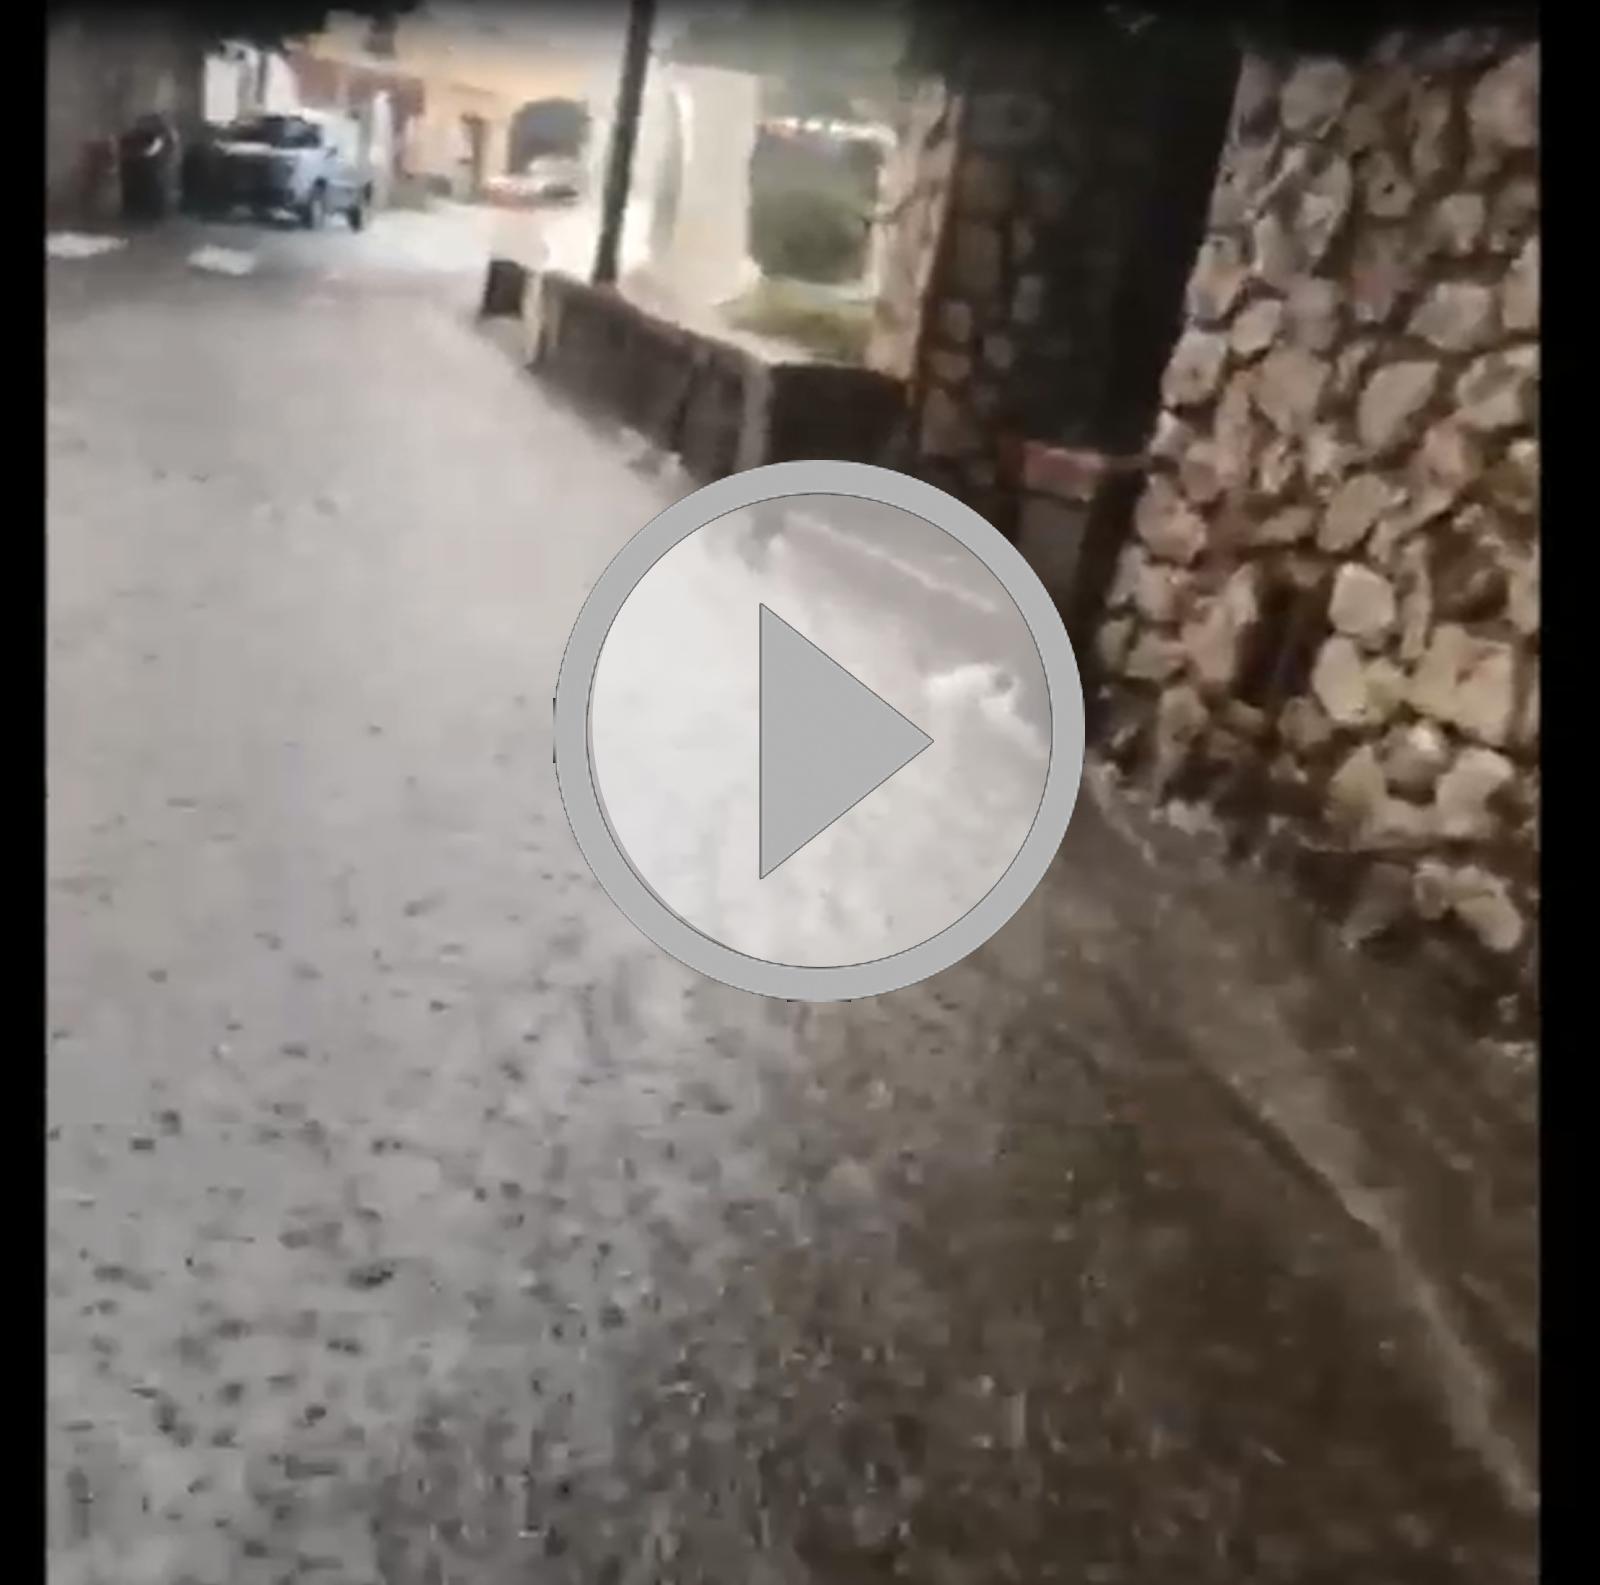 Capri. Piove da ore, violento nubifragio in corso (VIDEO)